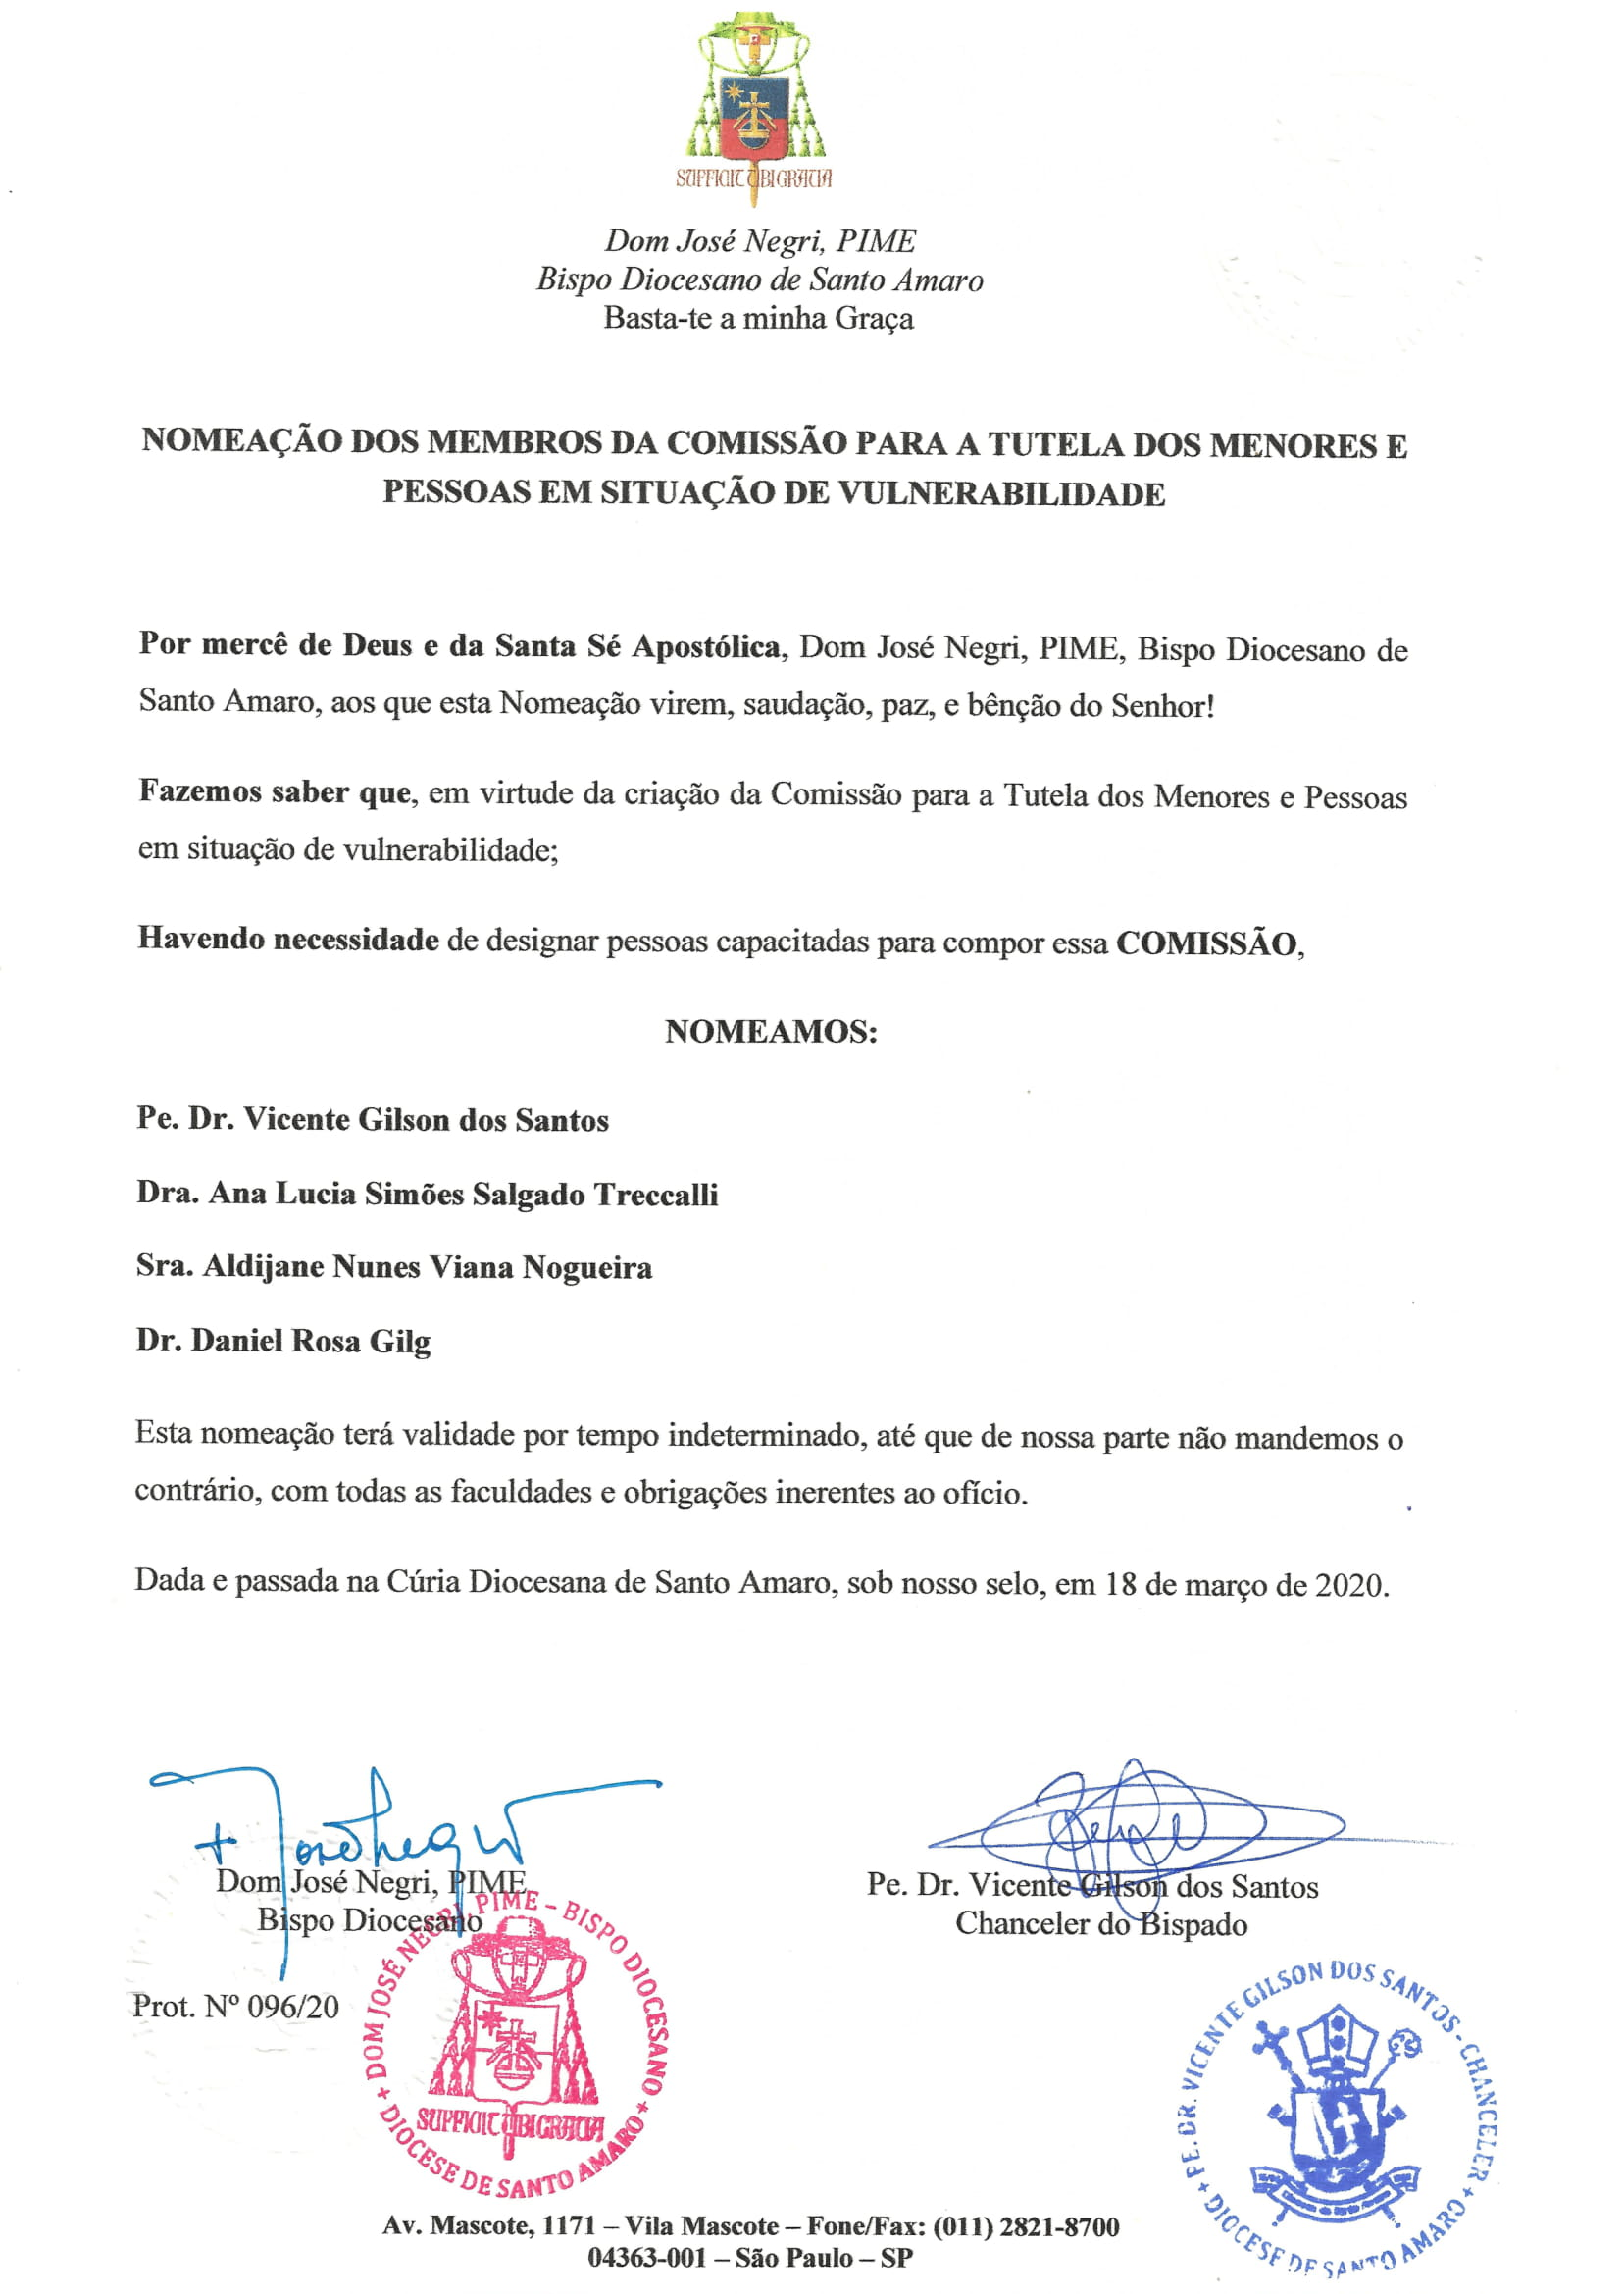 Nomeação dos Membros da Comissão (1)-1